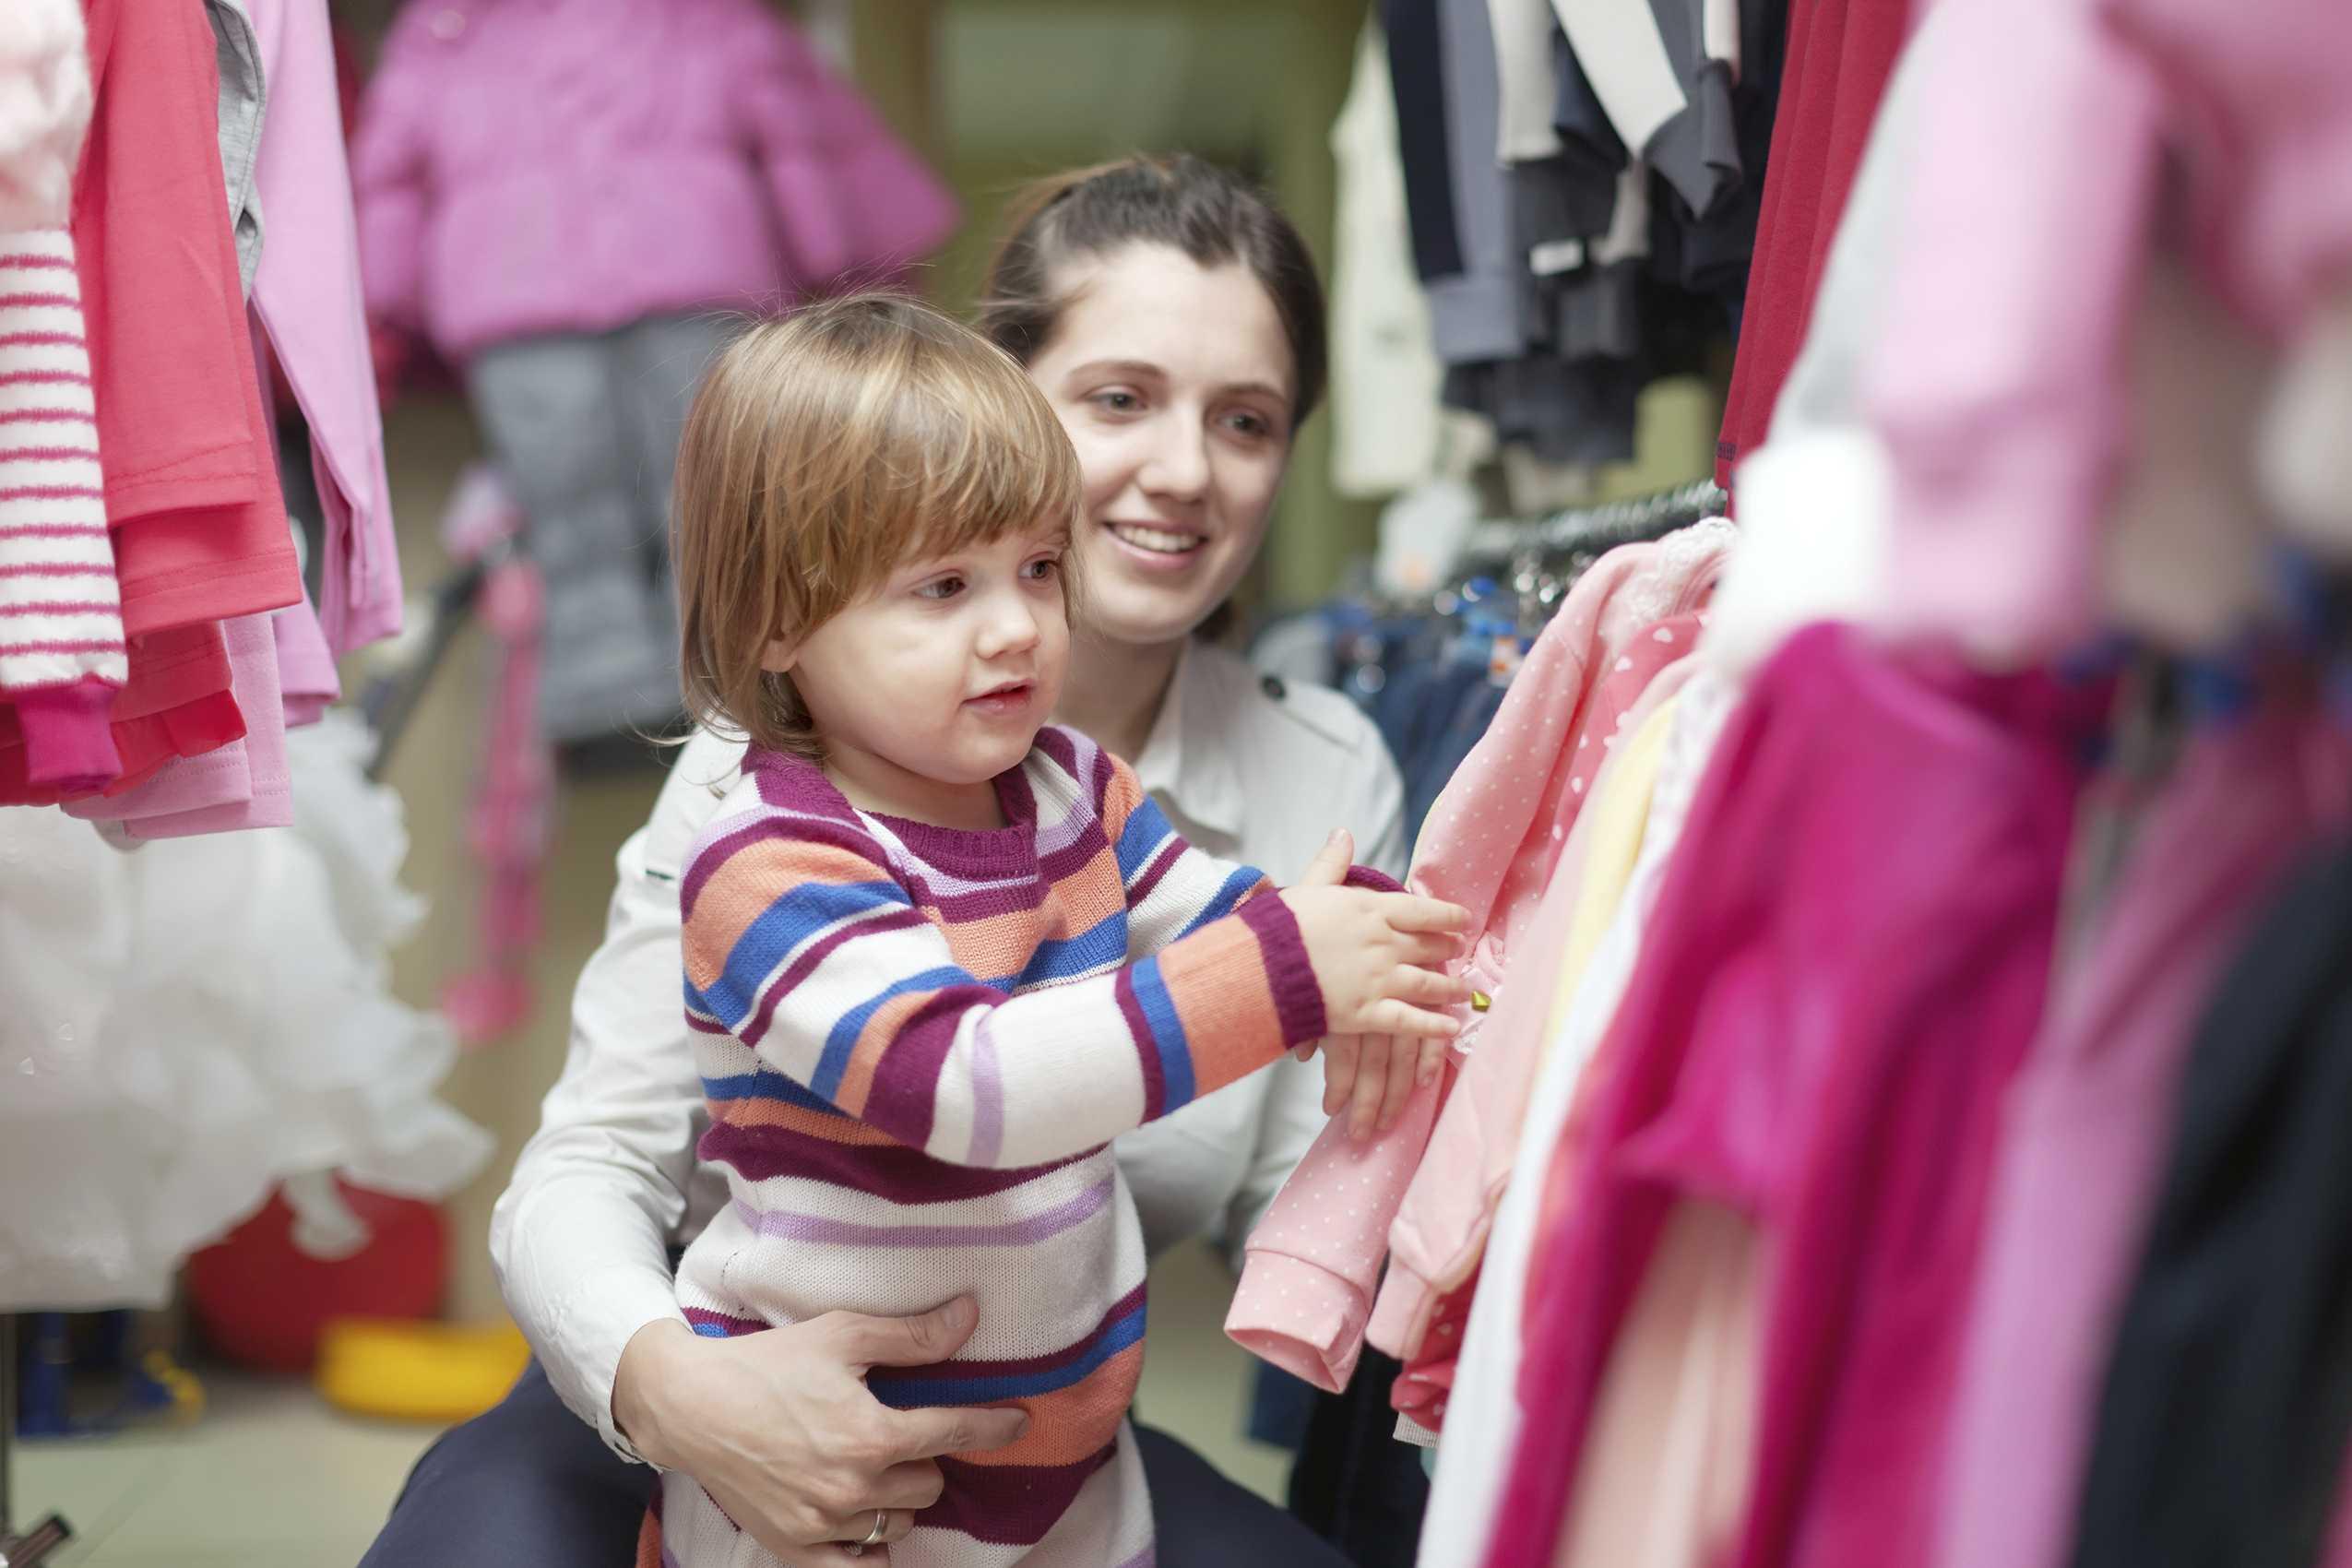 Стильные мамы с детьми. базовый гардероб для молодой мамы. советы стилистов. анализ образа жизни и основных занятий